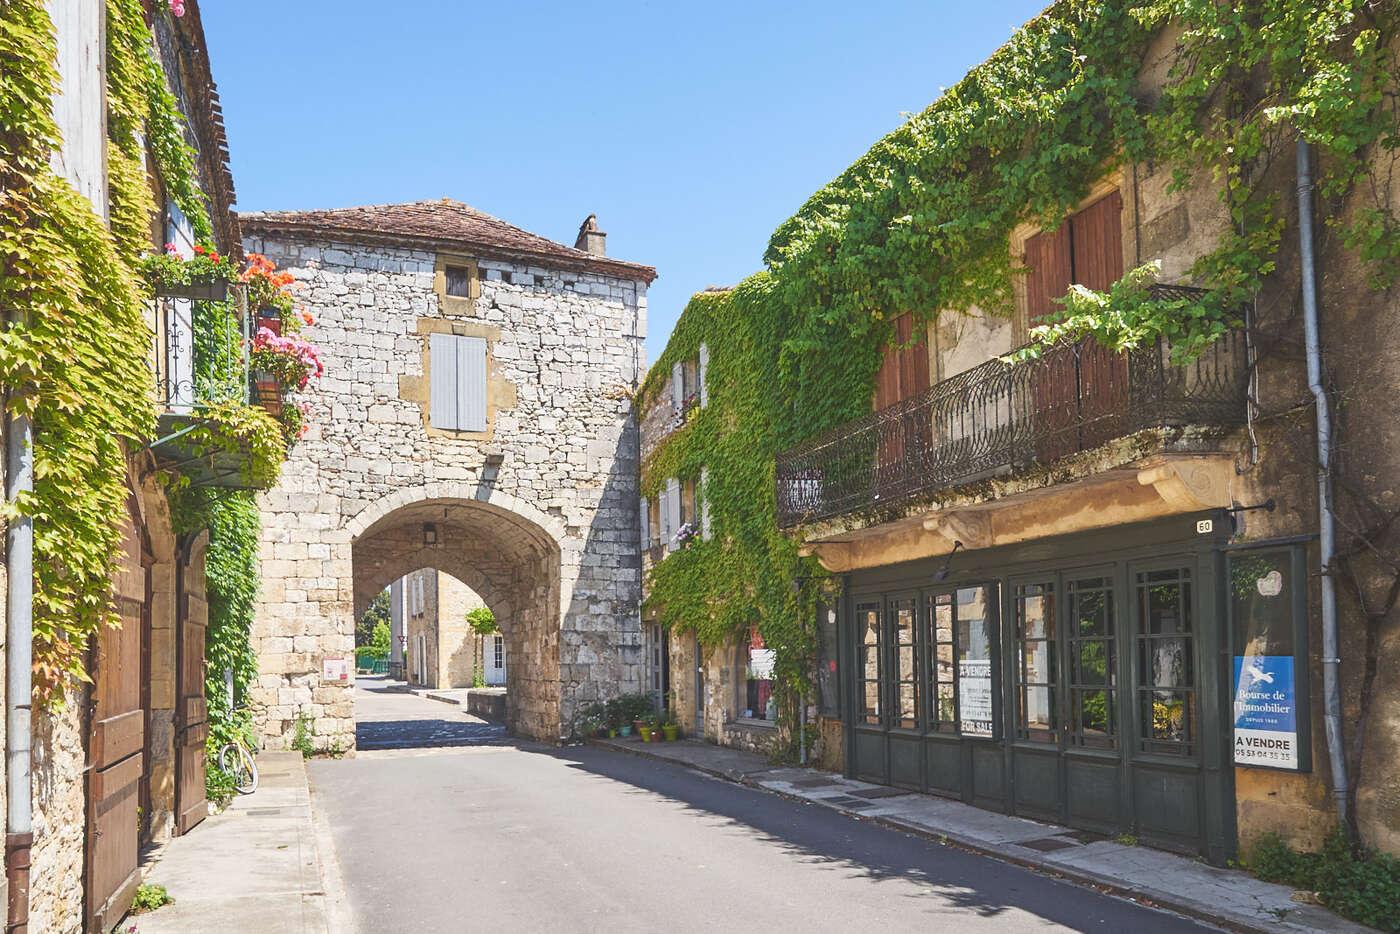 Porte de Monpazier